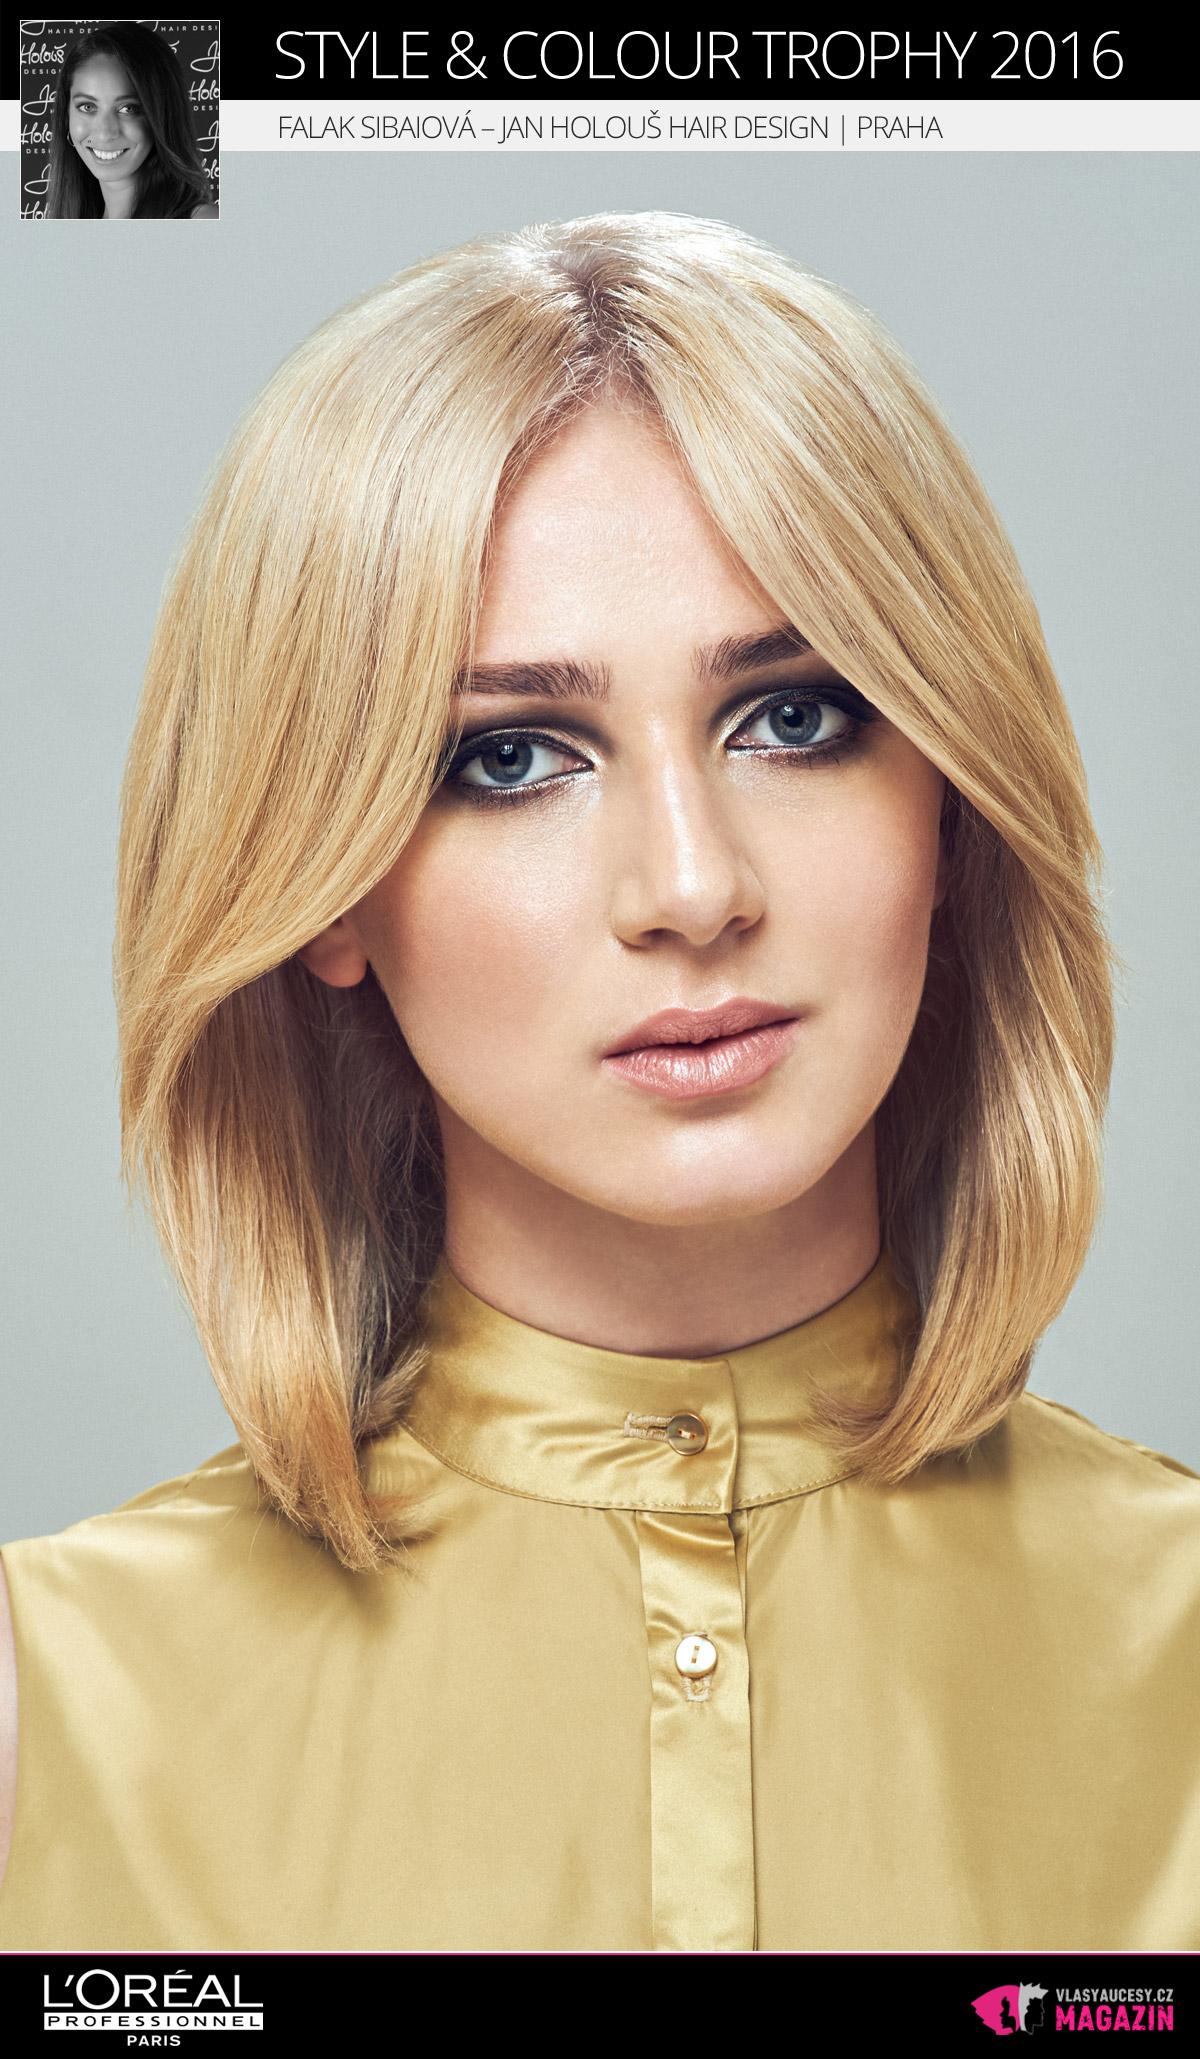 Falak Sibaiová – Jan Holouš Hair Design, Praha   L'Oréal Style & Colour Trophy 2016